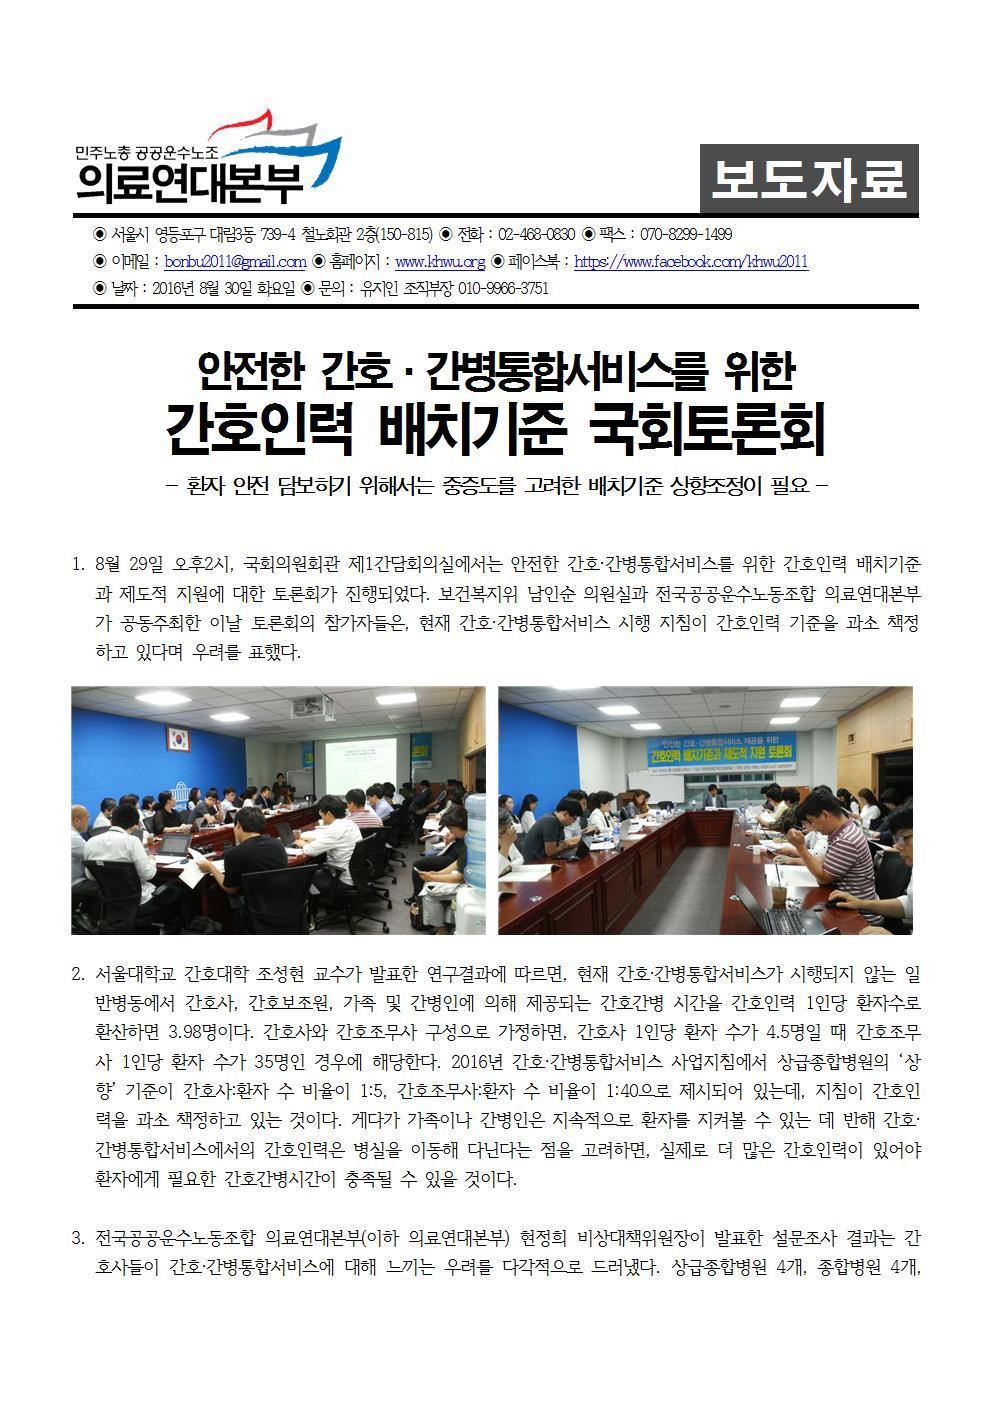 [보도자료] 0829 국회토론회001.jpg